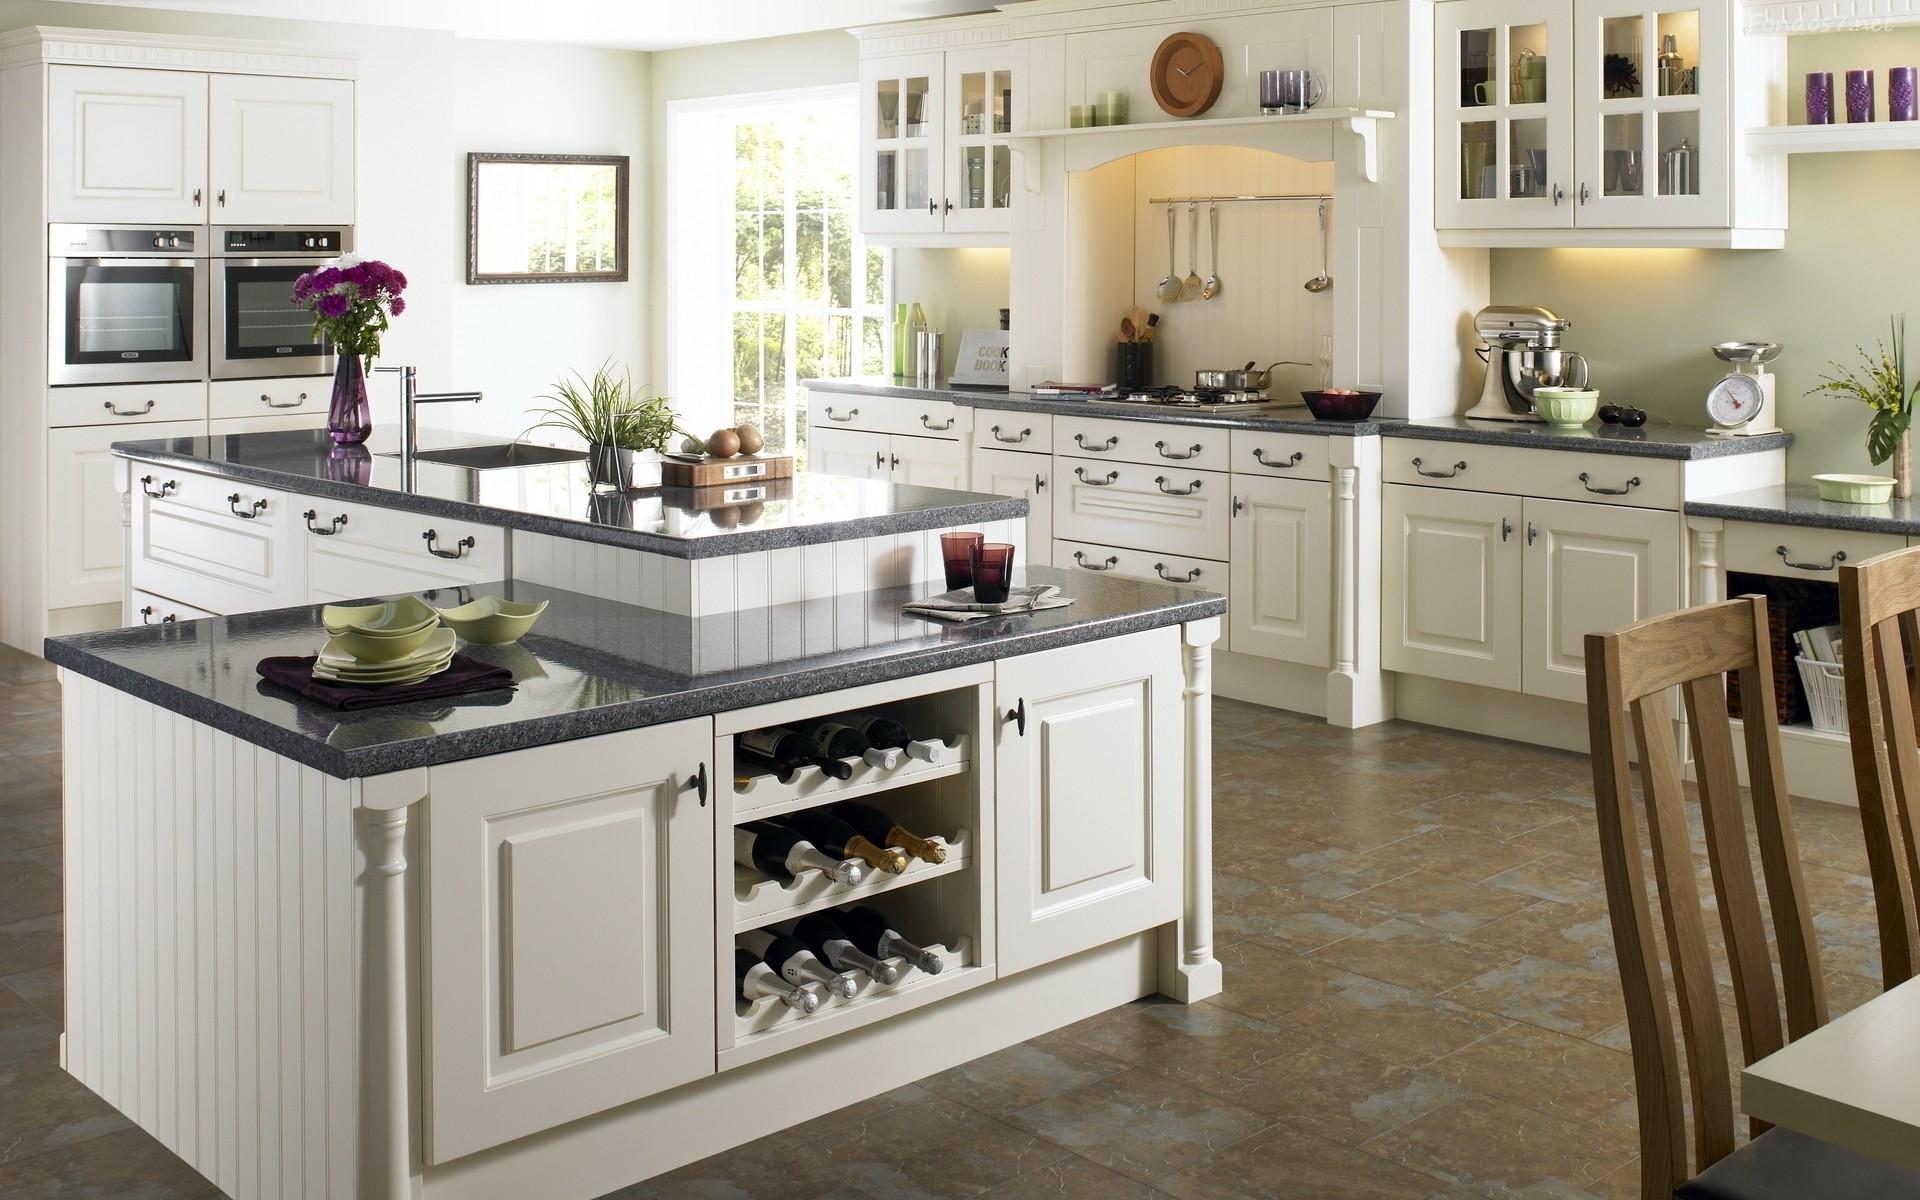 Бело-коричневая кухня с островом в стиле кантри